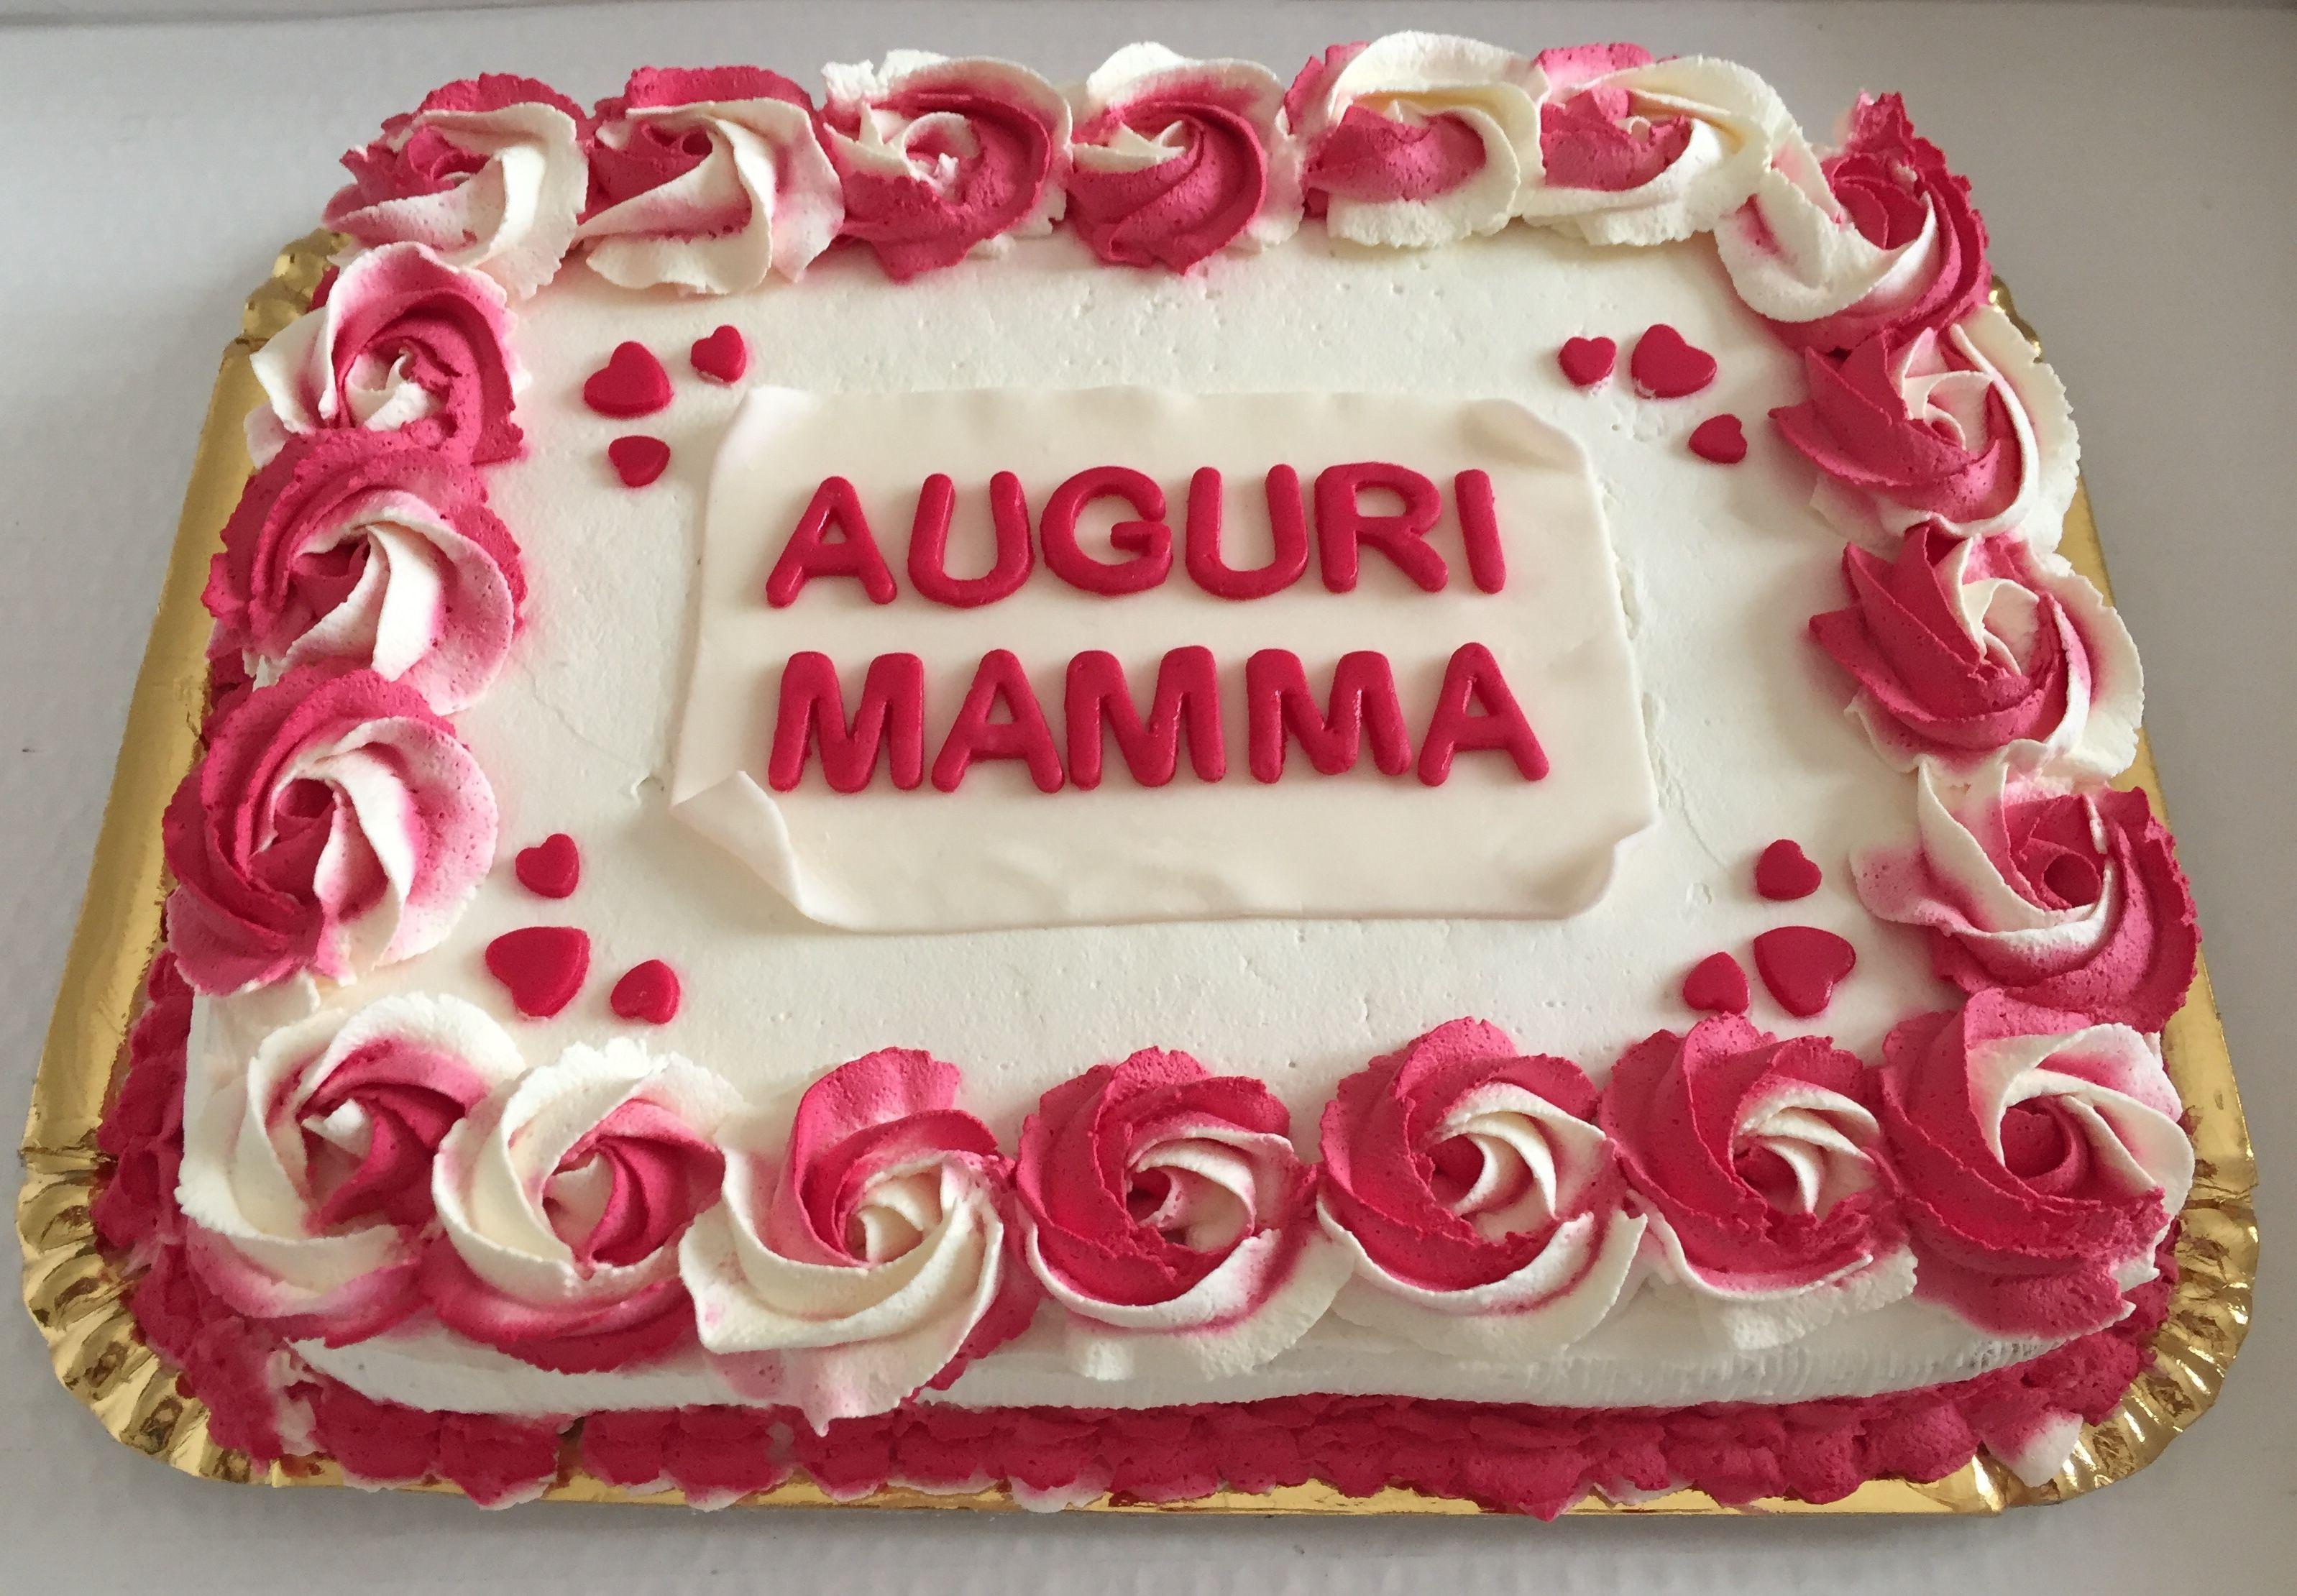 Foto Torta Compleanno Mamma.Torta Compleanno Mamma Con Rose Bicolore Torte Compleanno Mamma